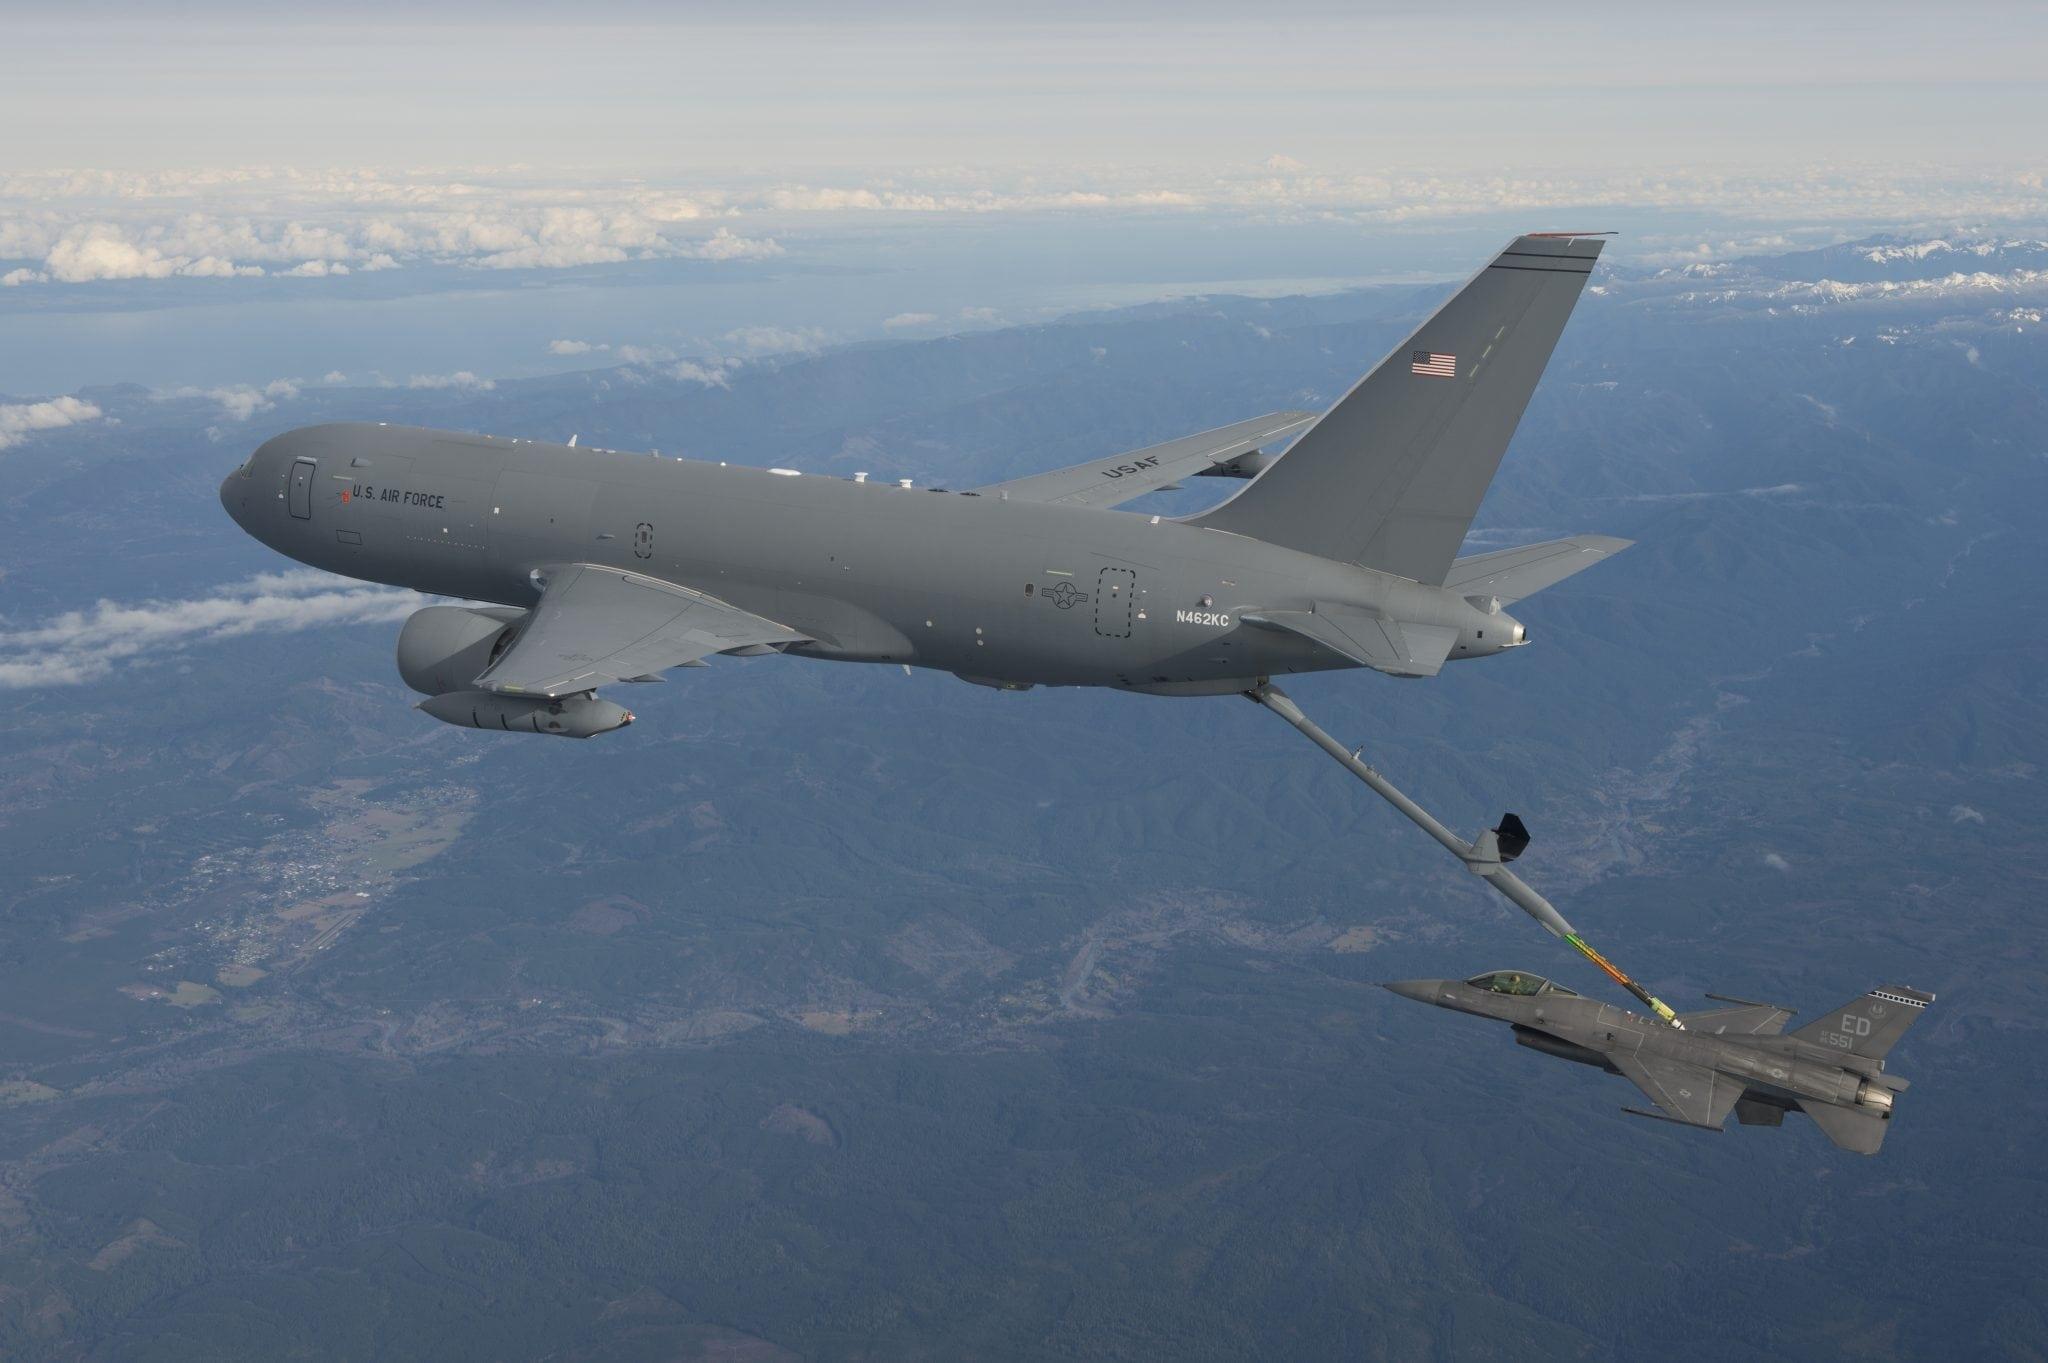 Boeing's KC-46A refuels an F-16 in flight